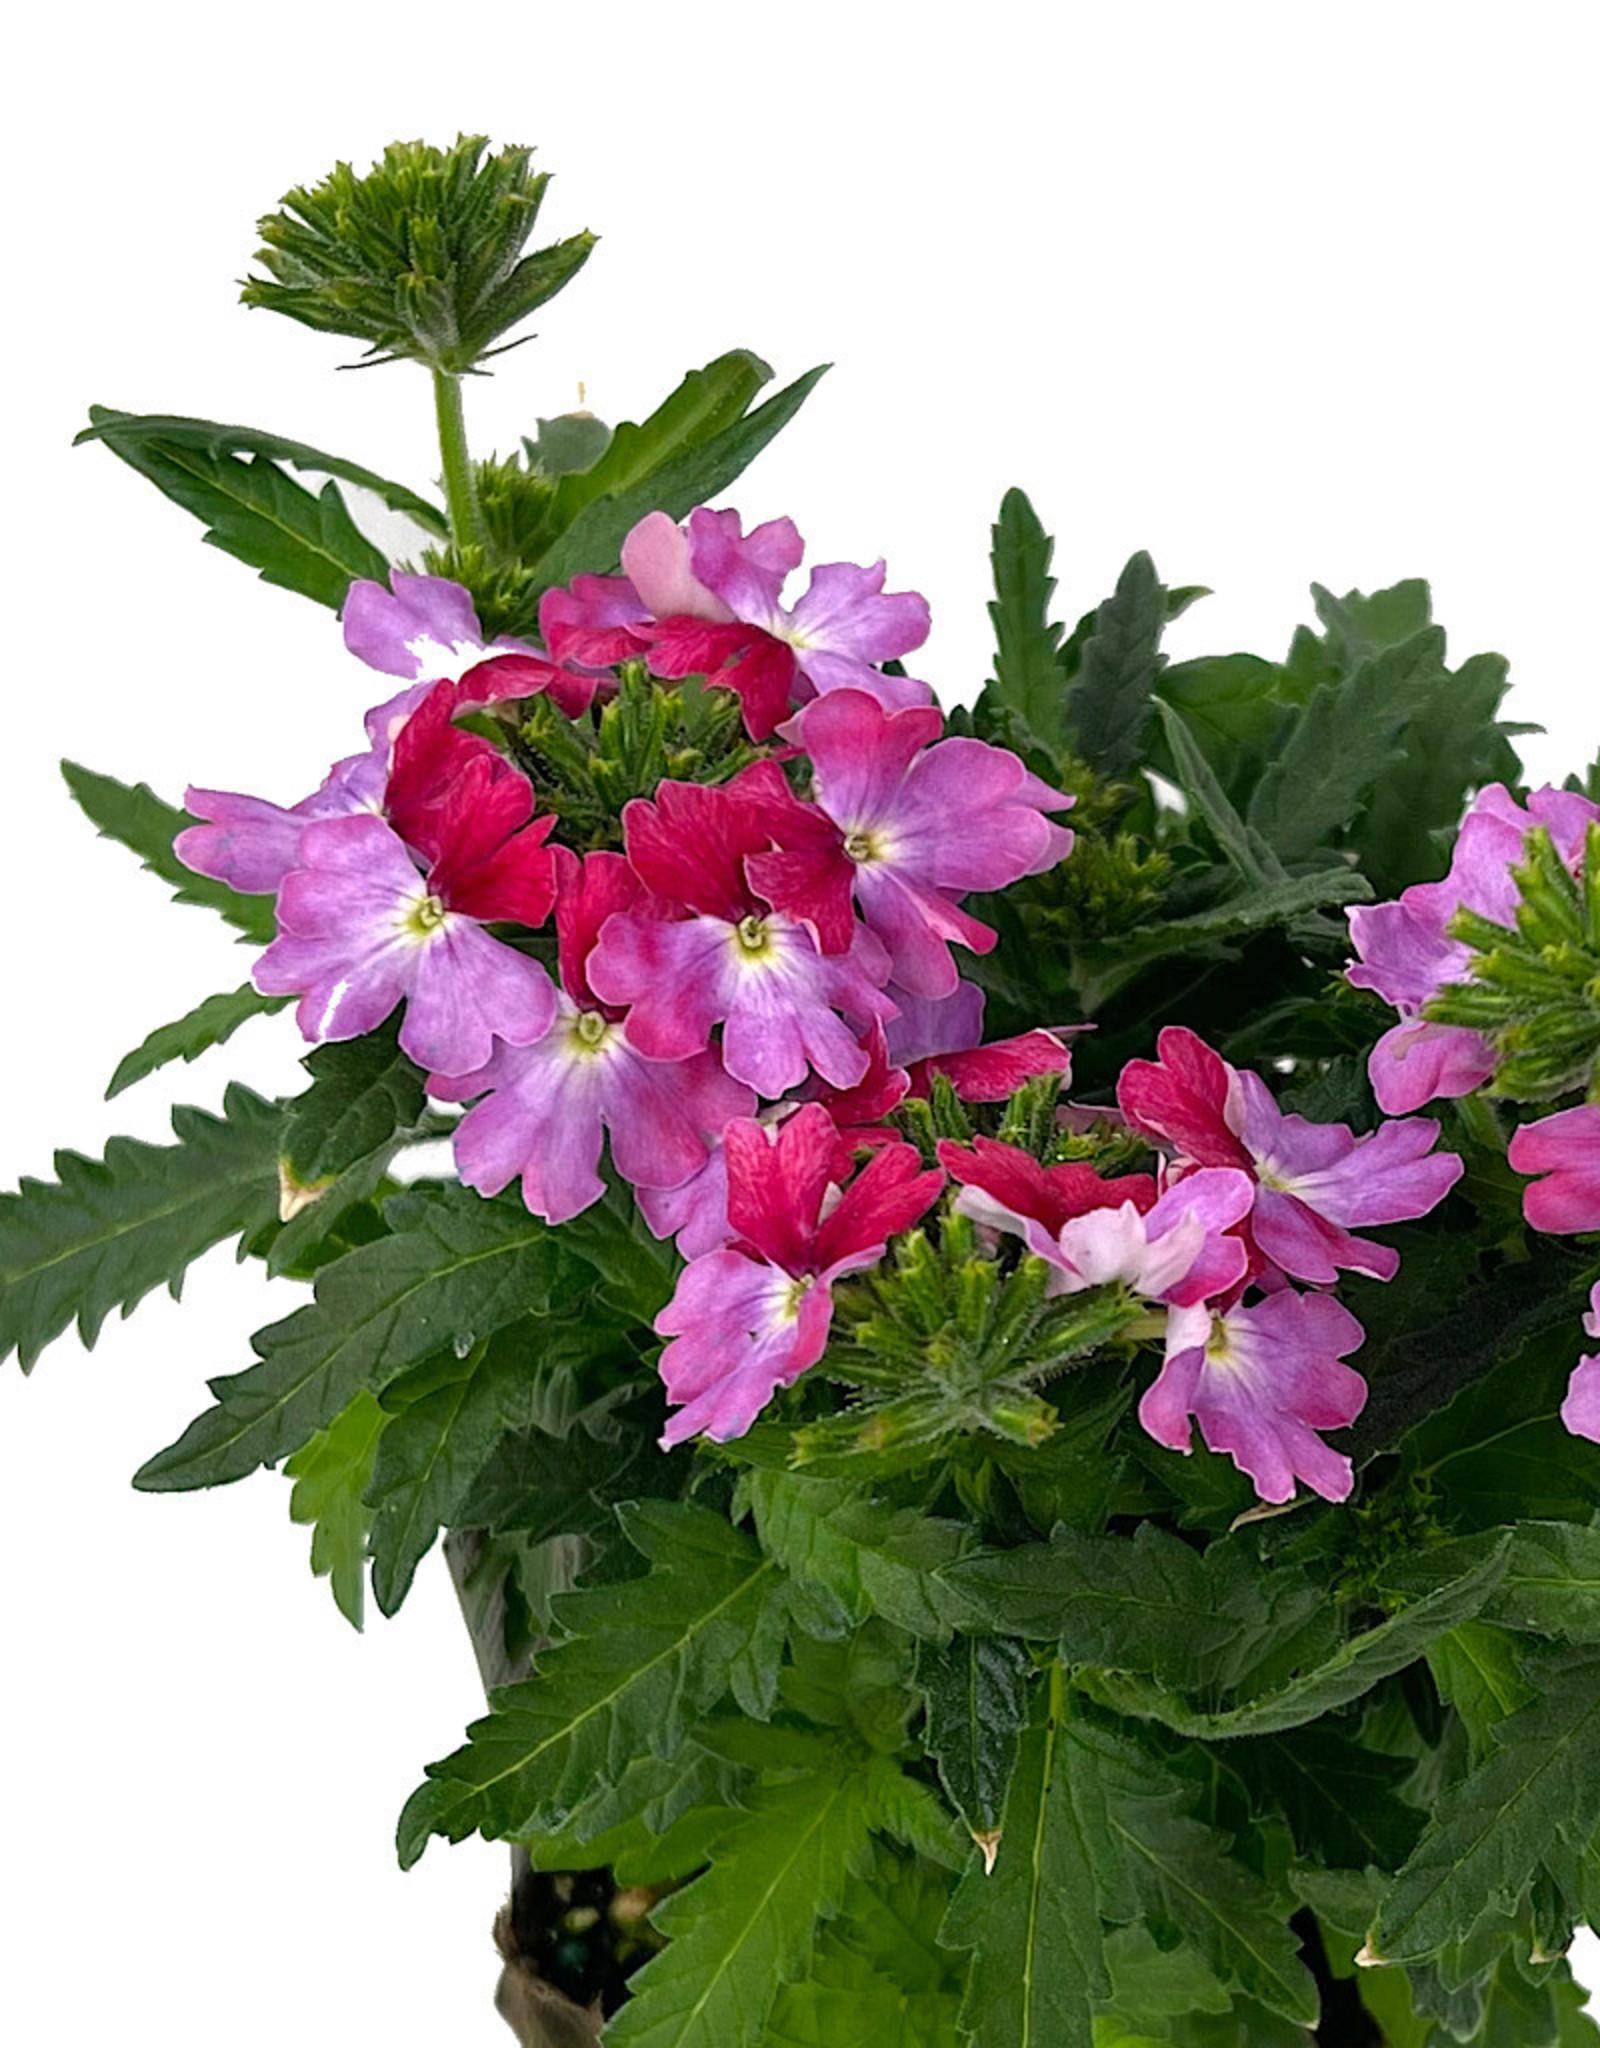 Verbena 'Lanai Twister Rose' 4 inch